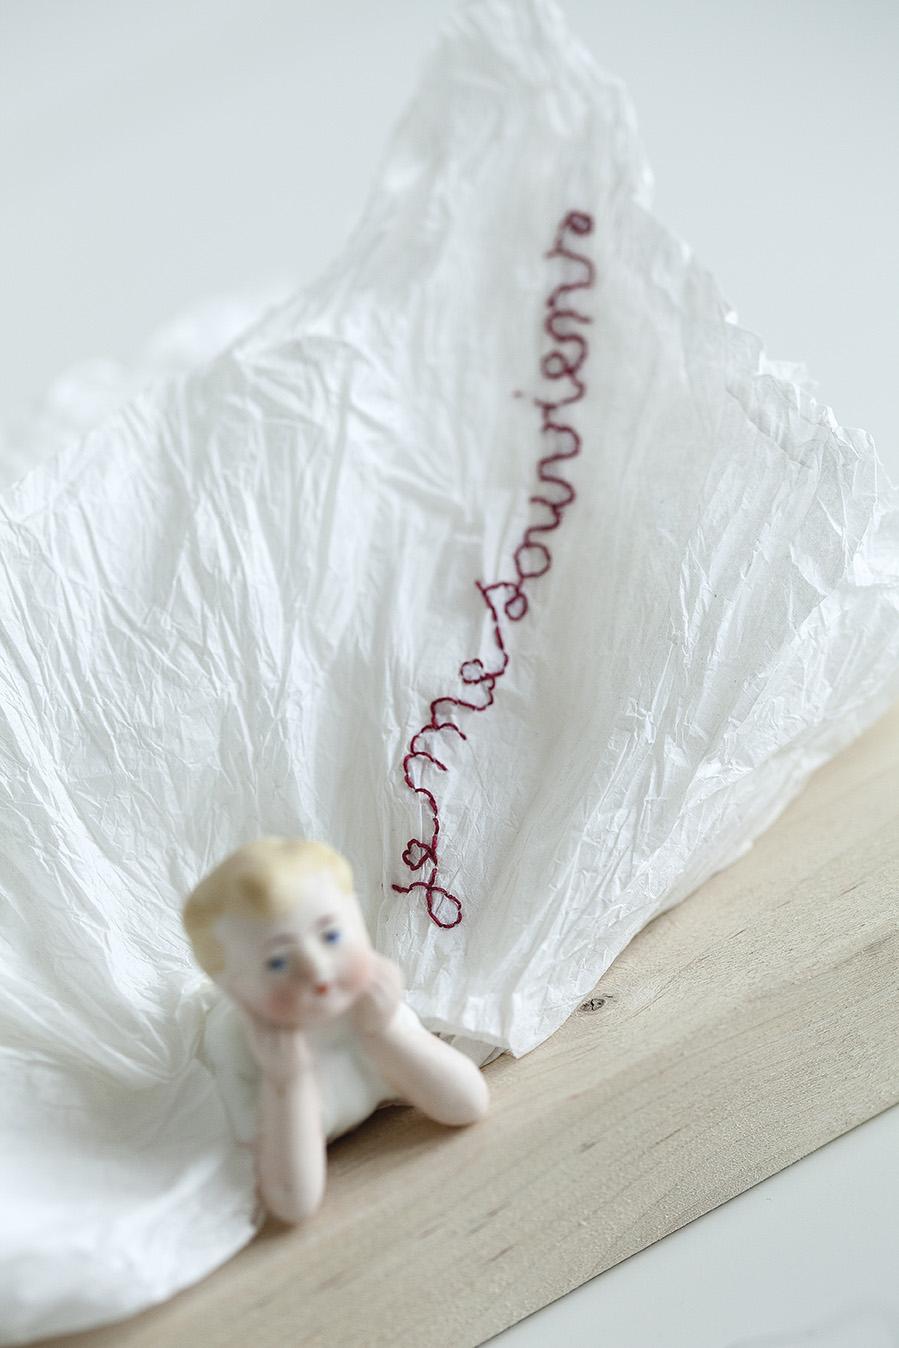 """<p><span style=""""font-size: 10pt;"""">Dani Tambour, <em>Je me souviens</em>, poupée de porcelaine, papier froissé et broderie, 2018 ©Caroline Dethier</span></p>"""